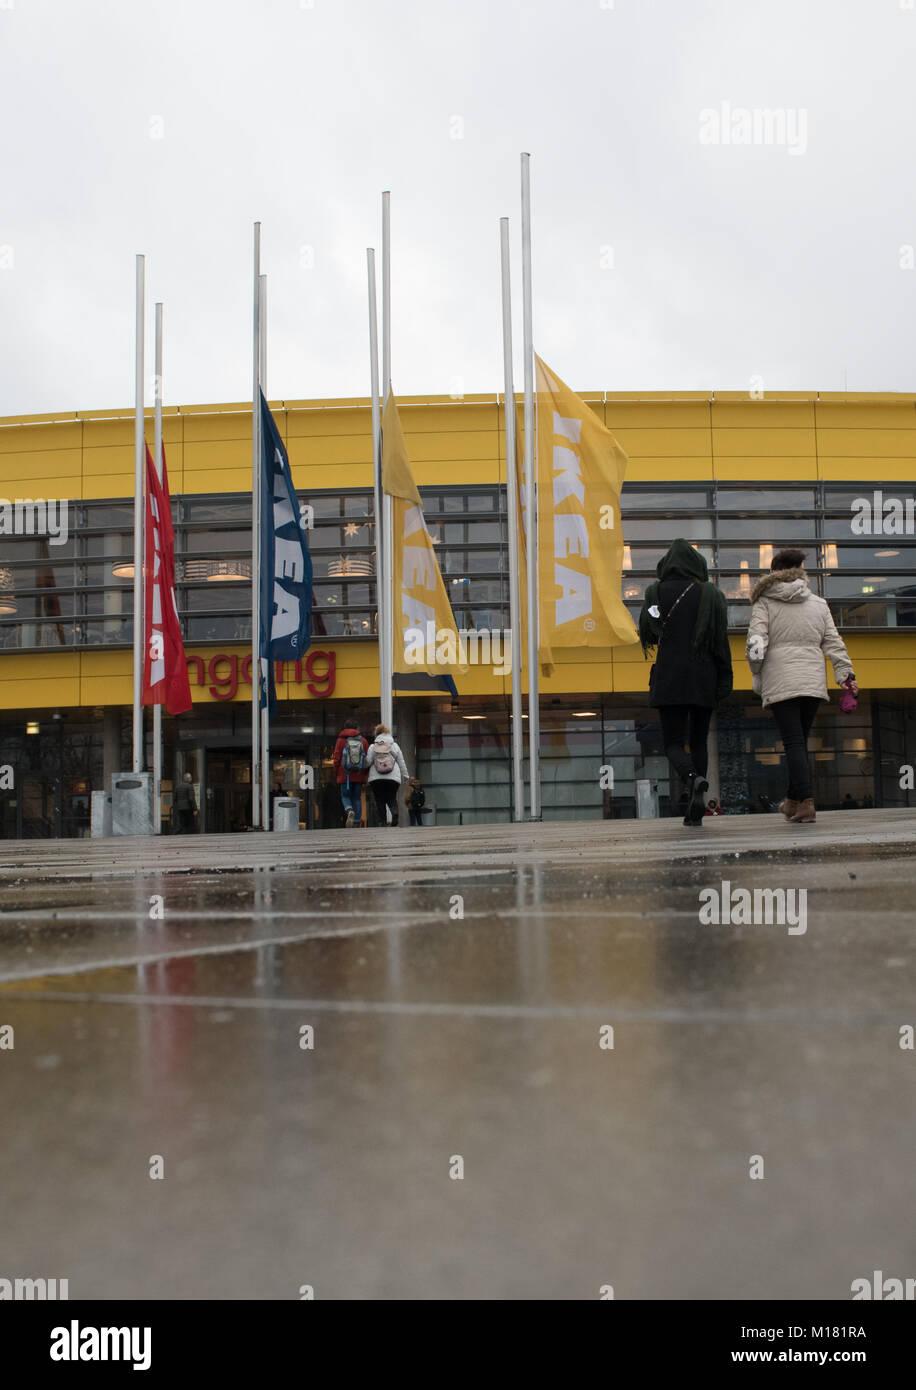 Berlín, Alemania. 28 ene, 2018. Las banderas en frente de Ikea están ...